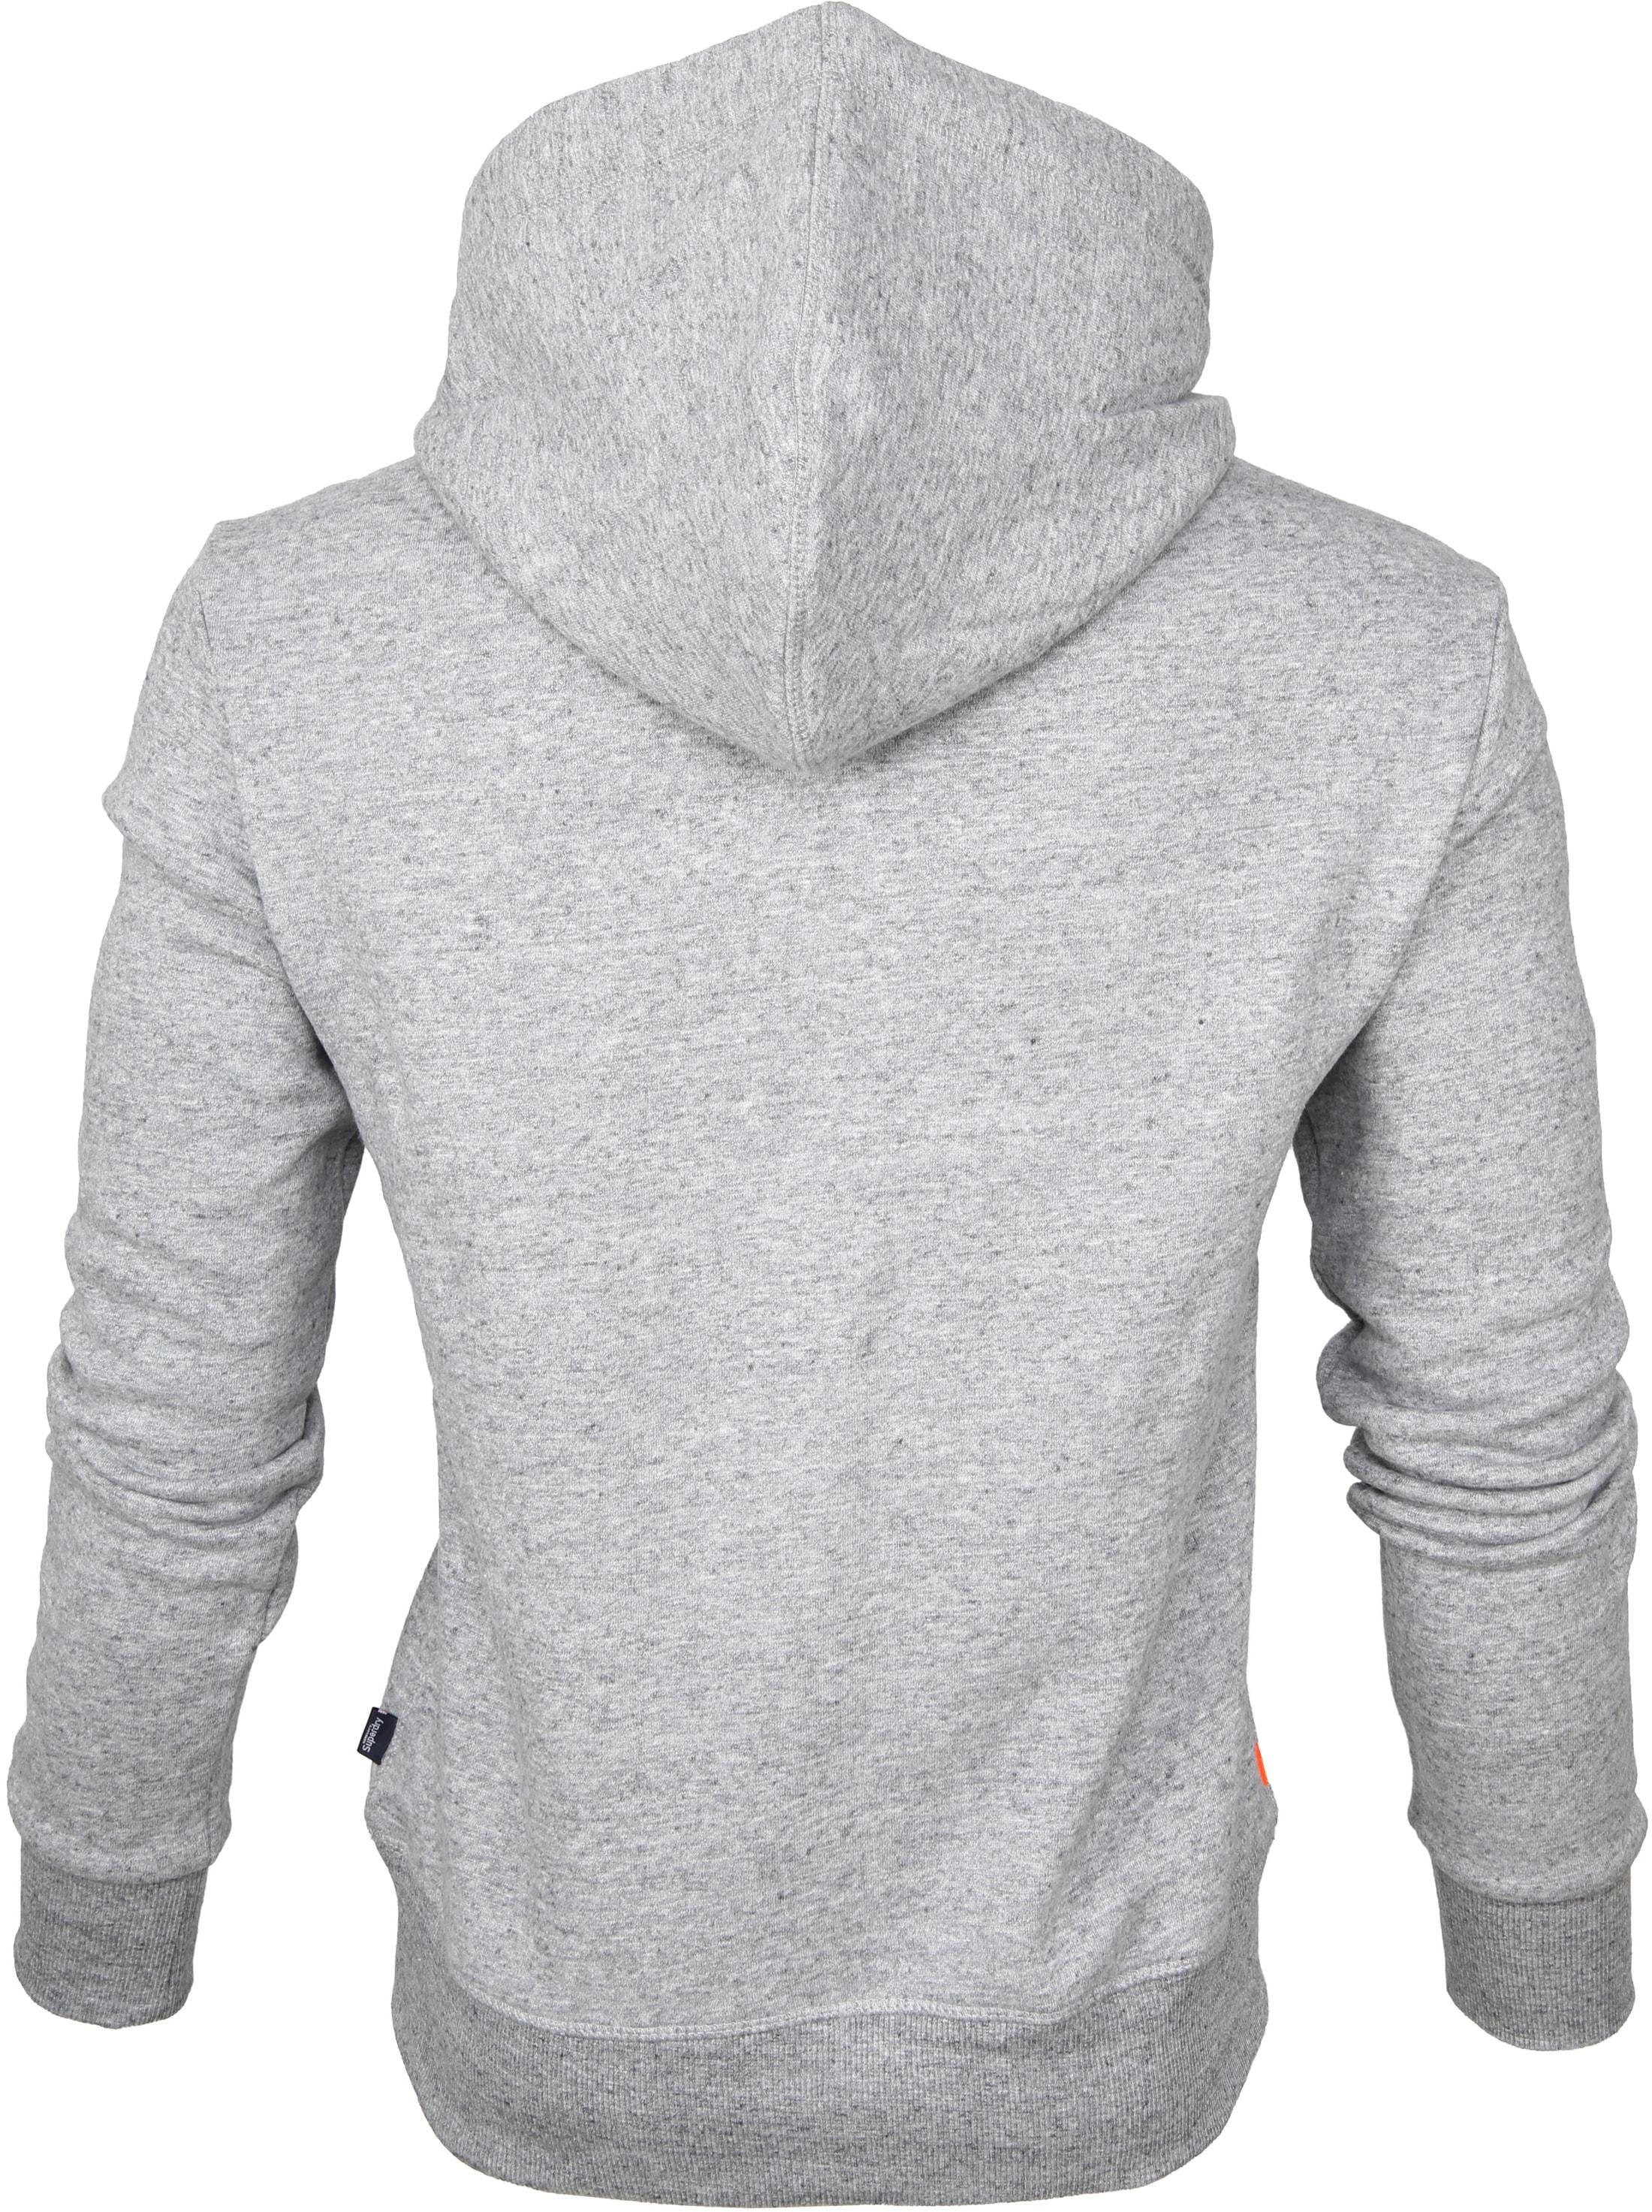 Superdry Sweater Duo Hood Grijs foto 2